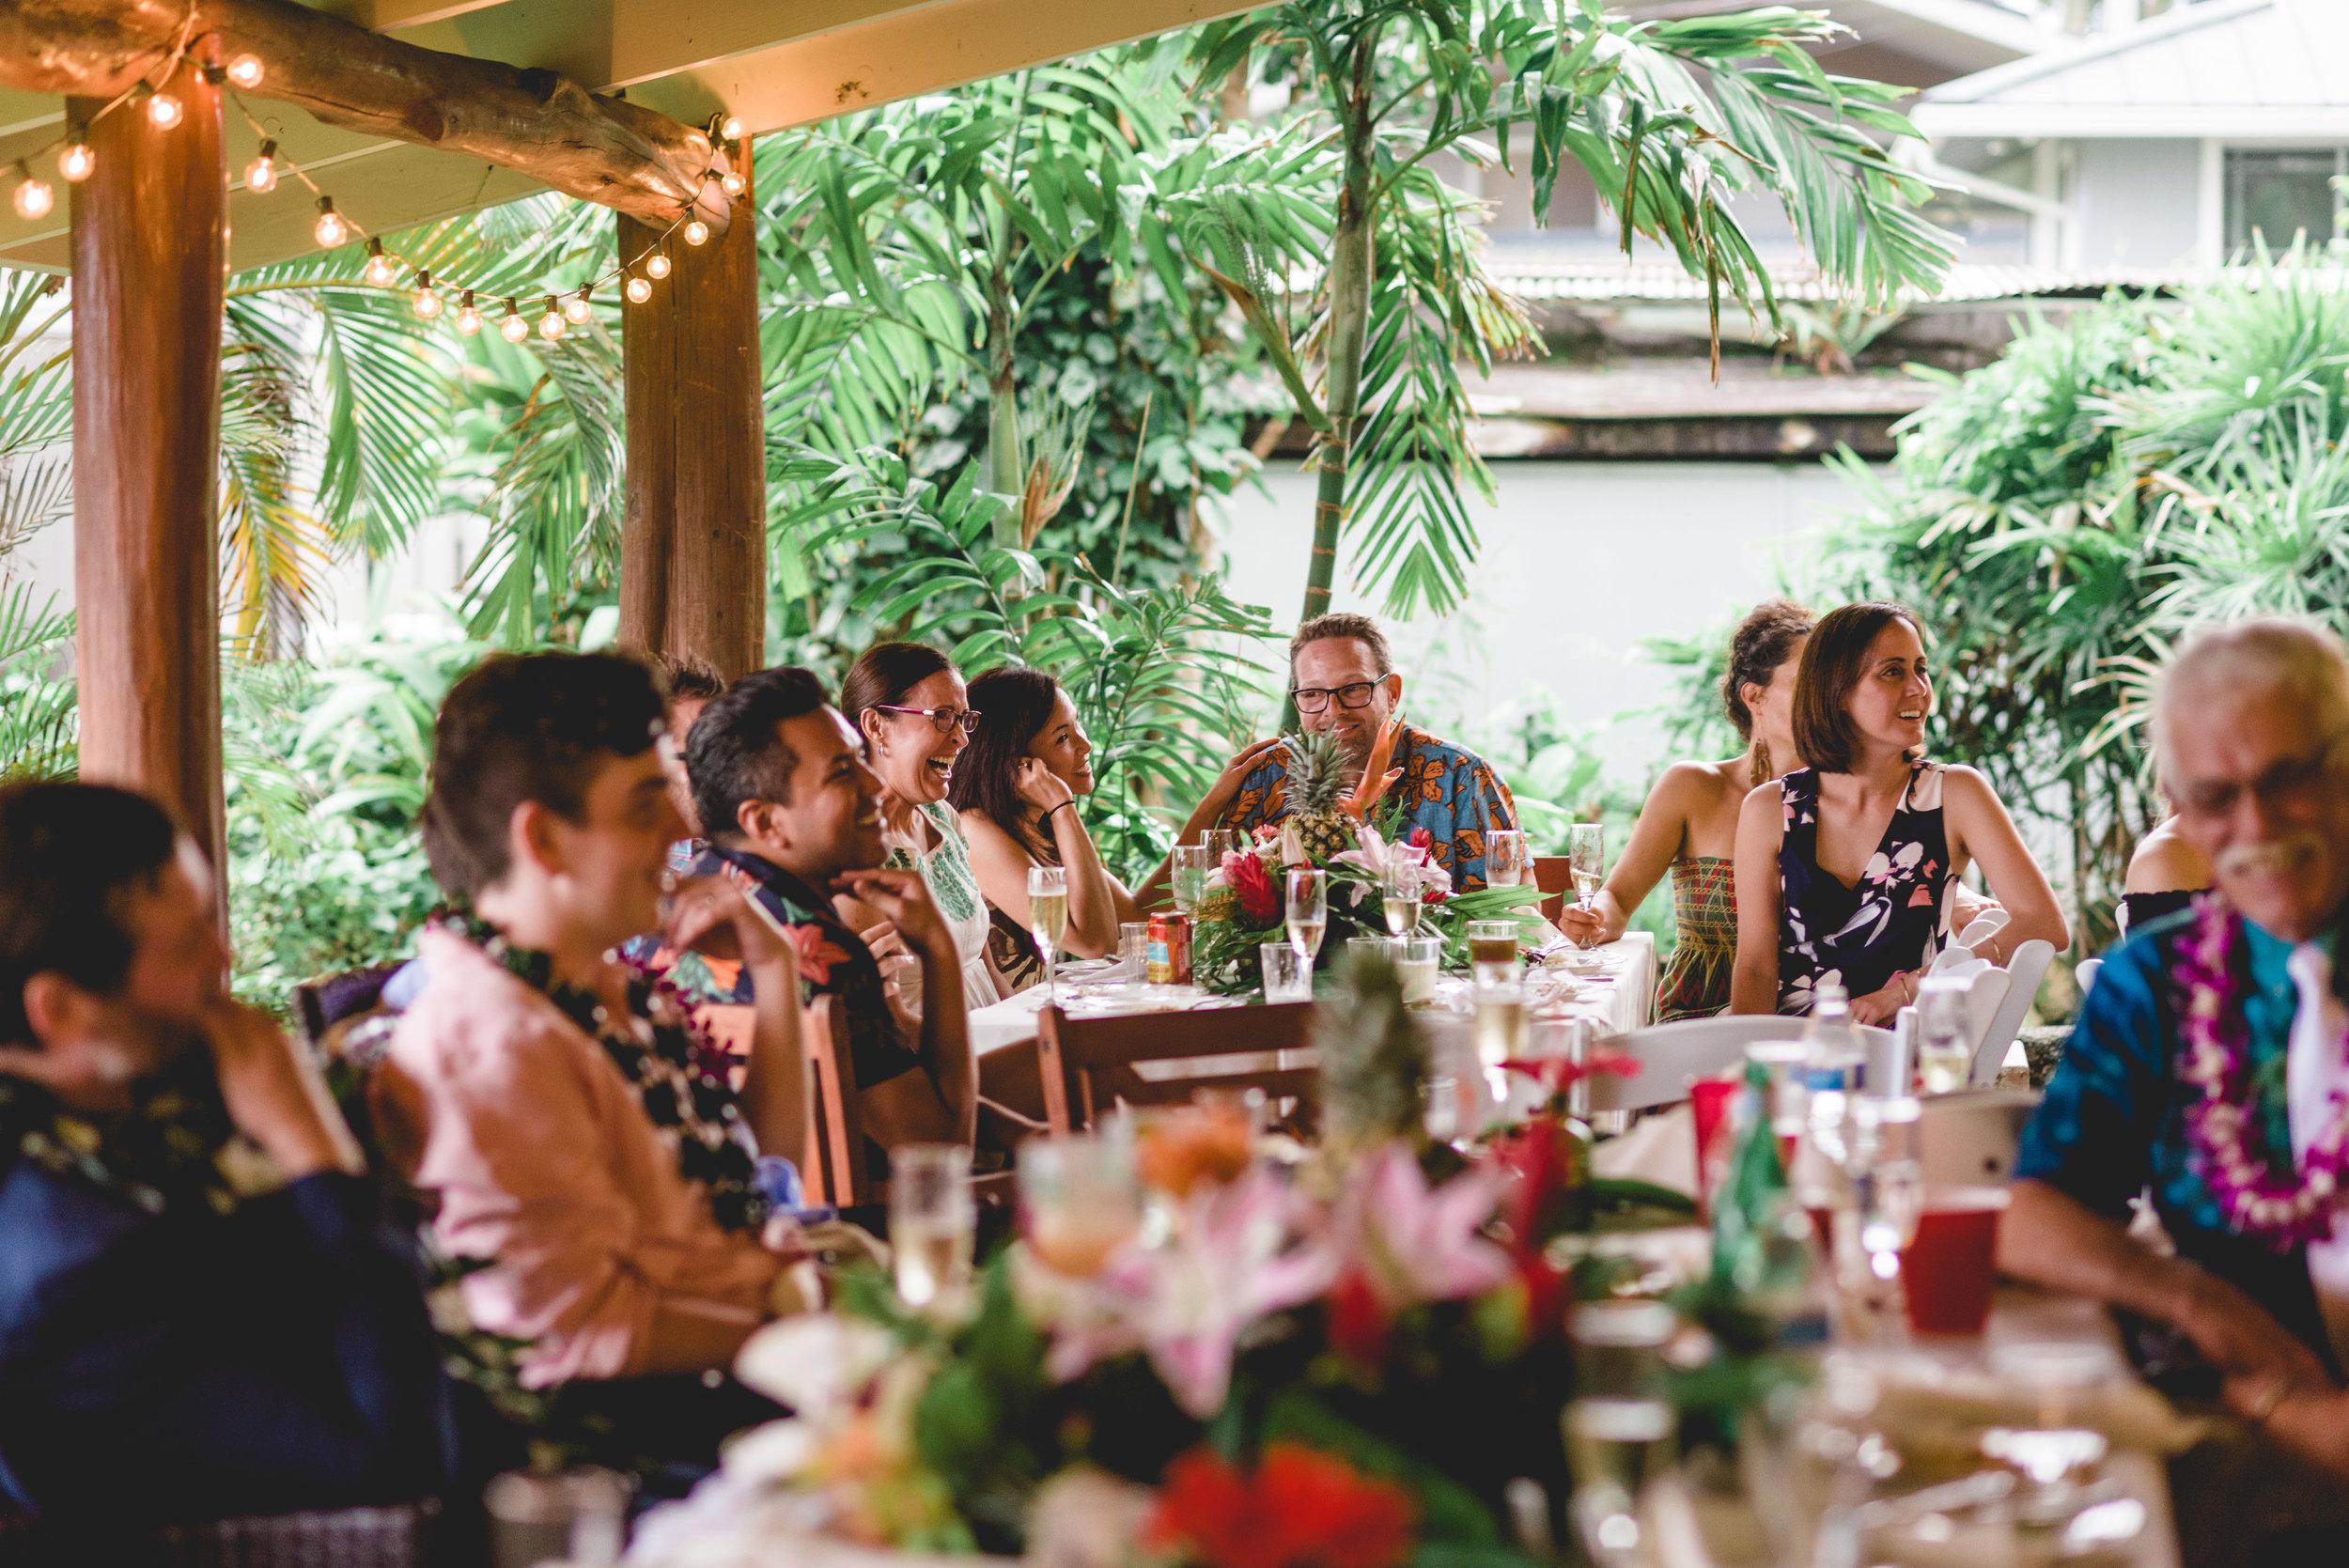 burns_deruntz-wedding-reception-107.jpg